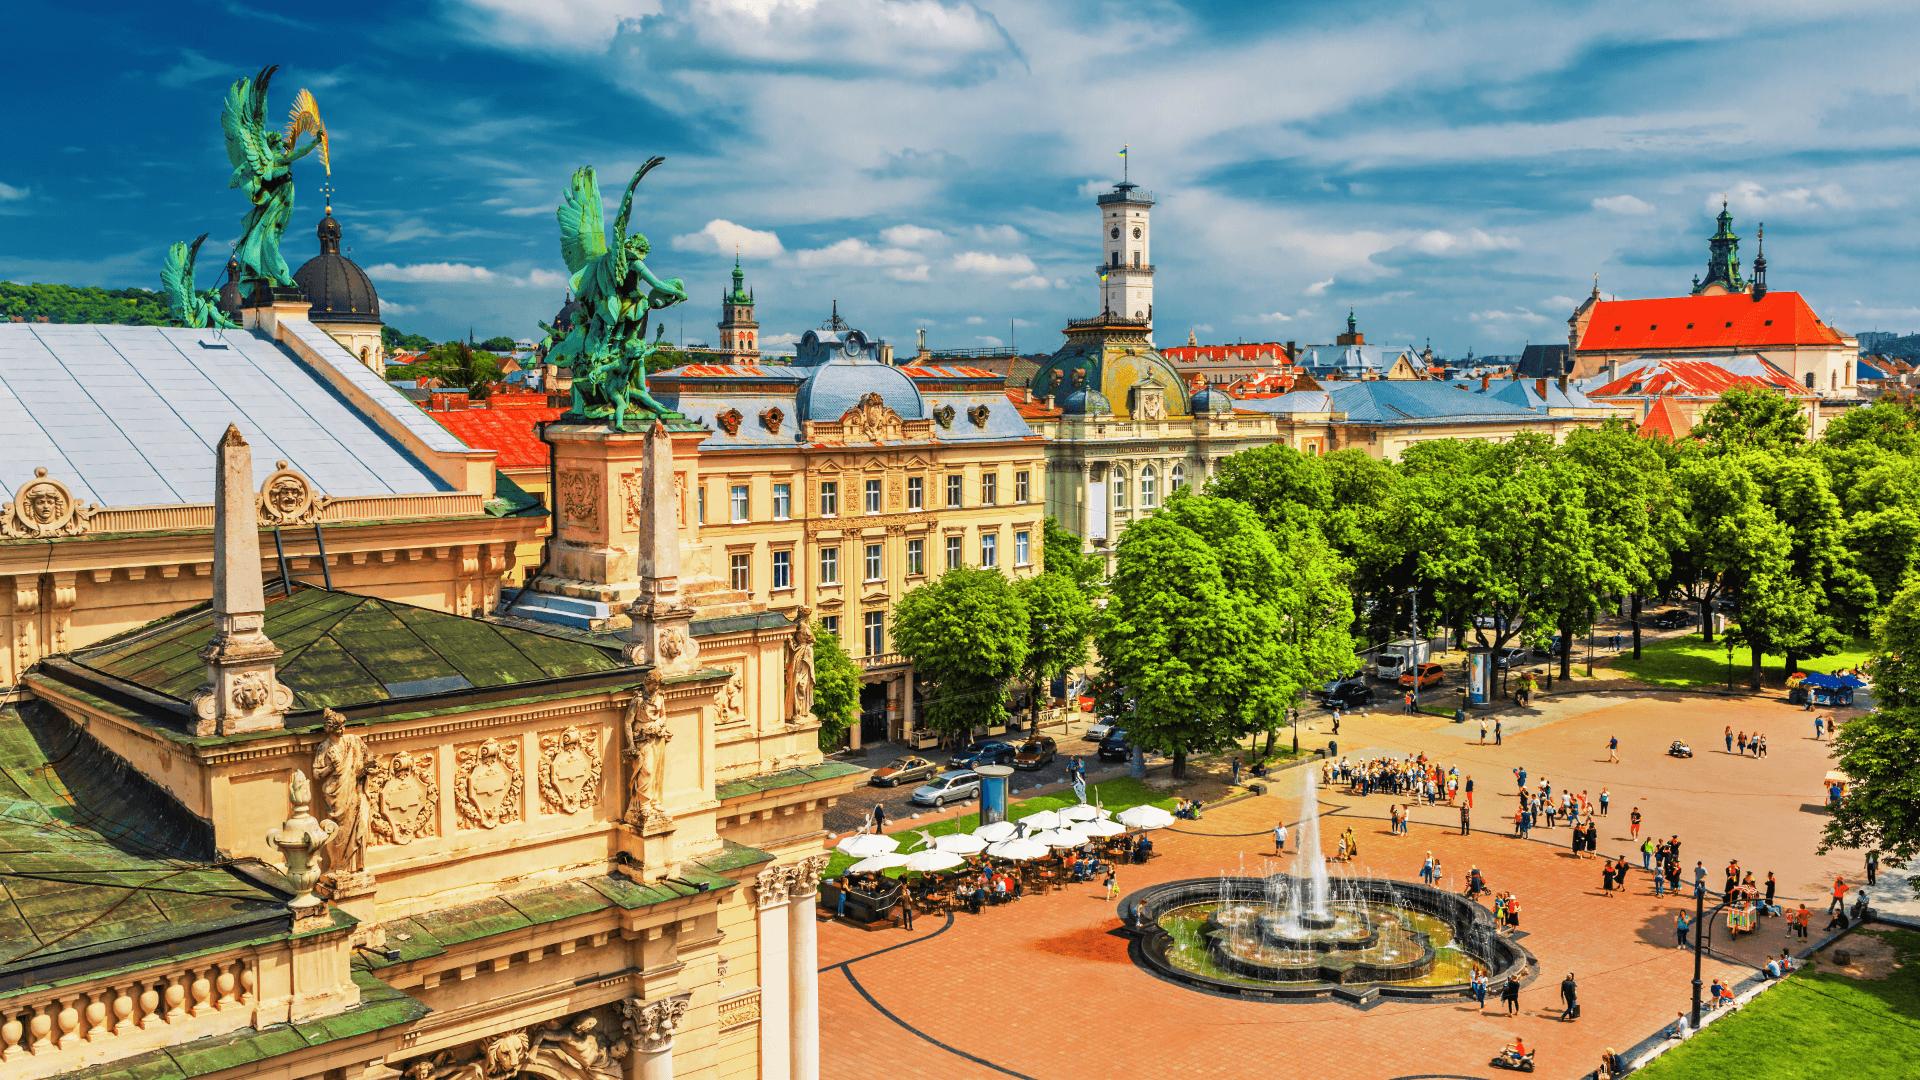 Tarihiyle Kültürüyle İlgi Çekiyor, Gözler Lviv'in Üzerinde